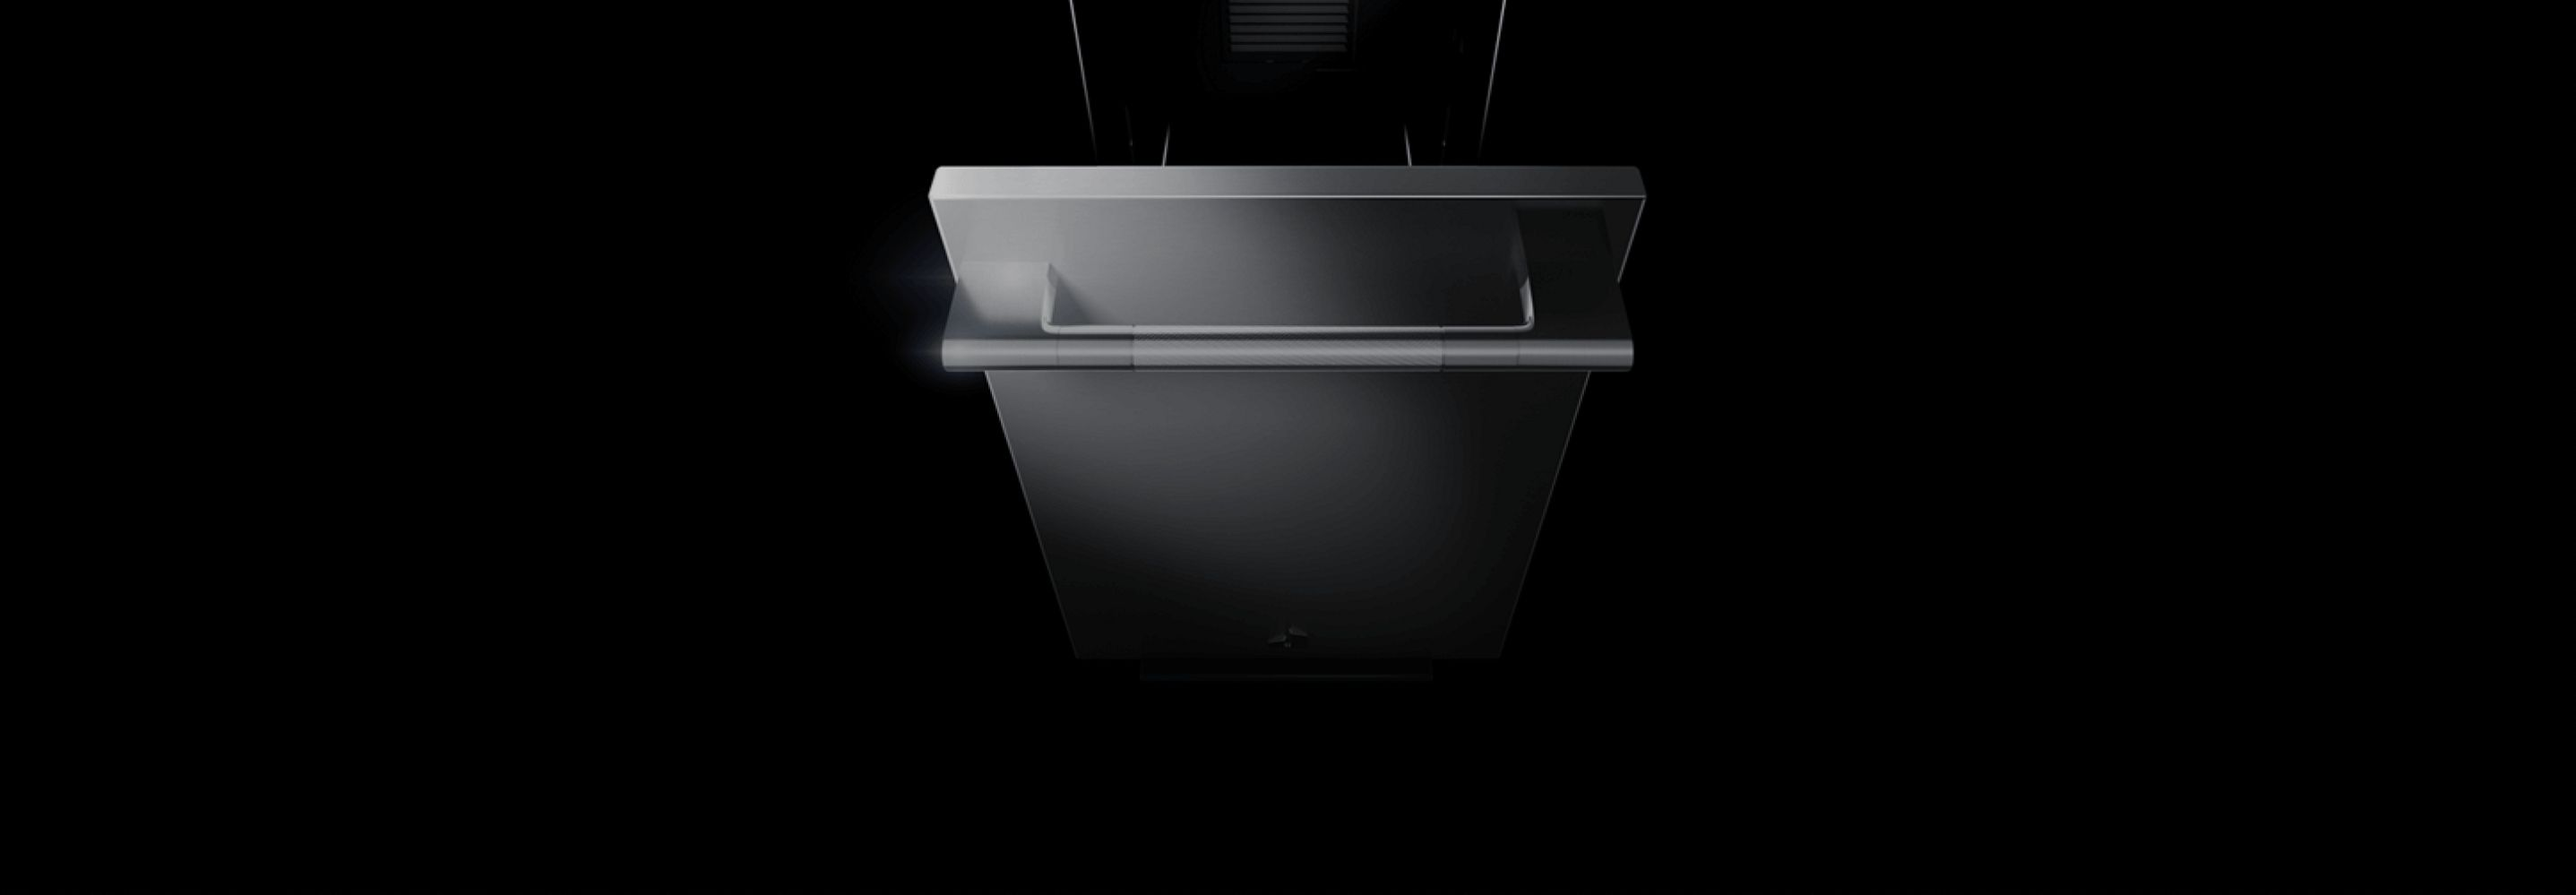 An open JennAir® Trash compactor.